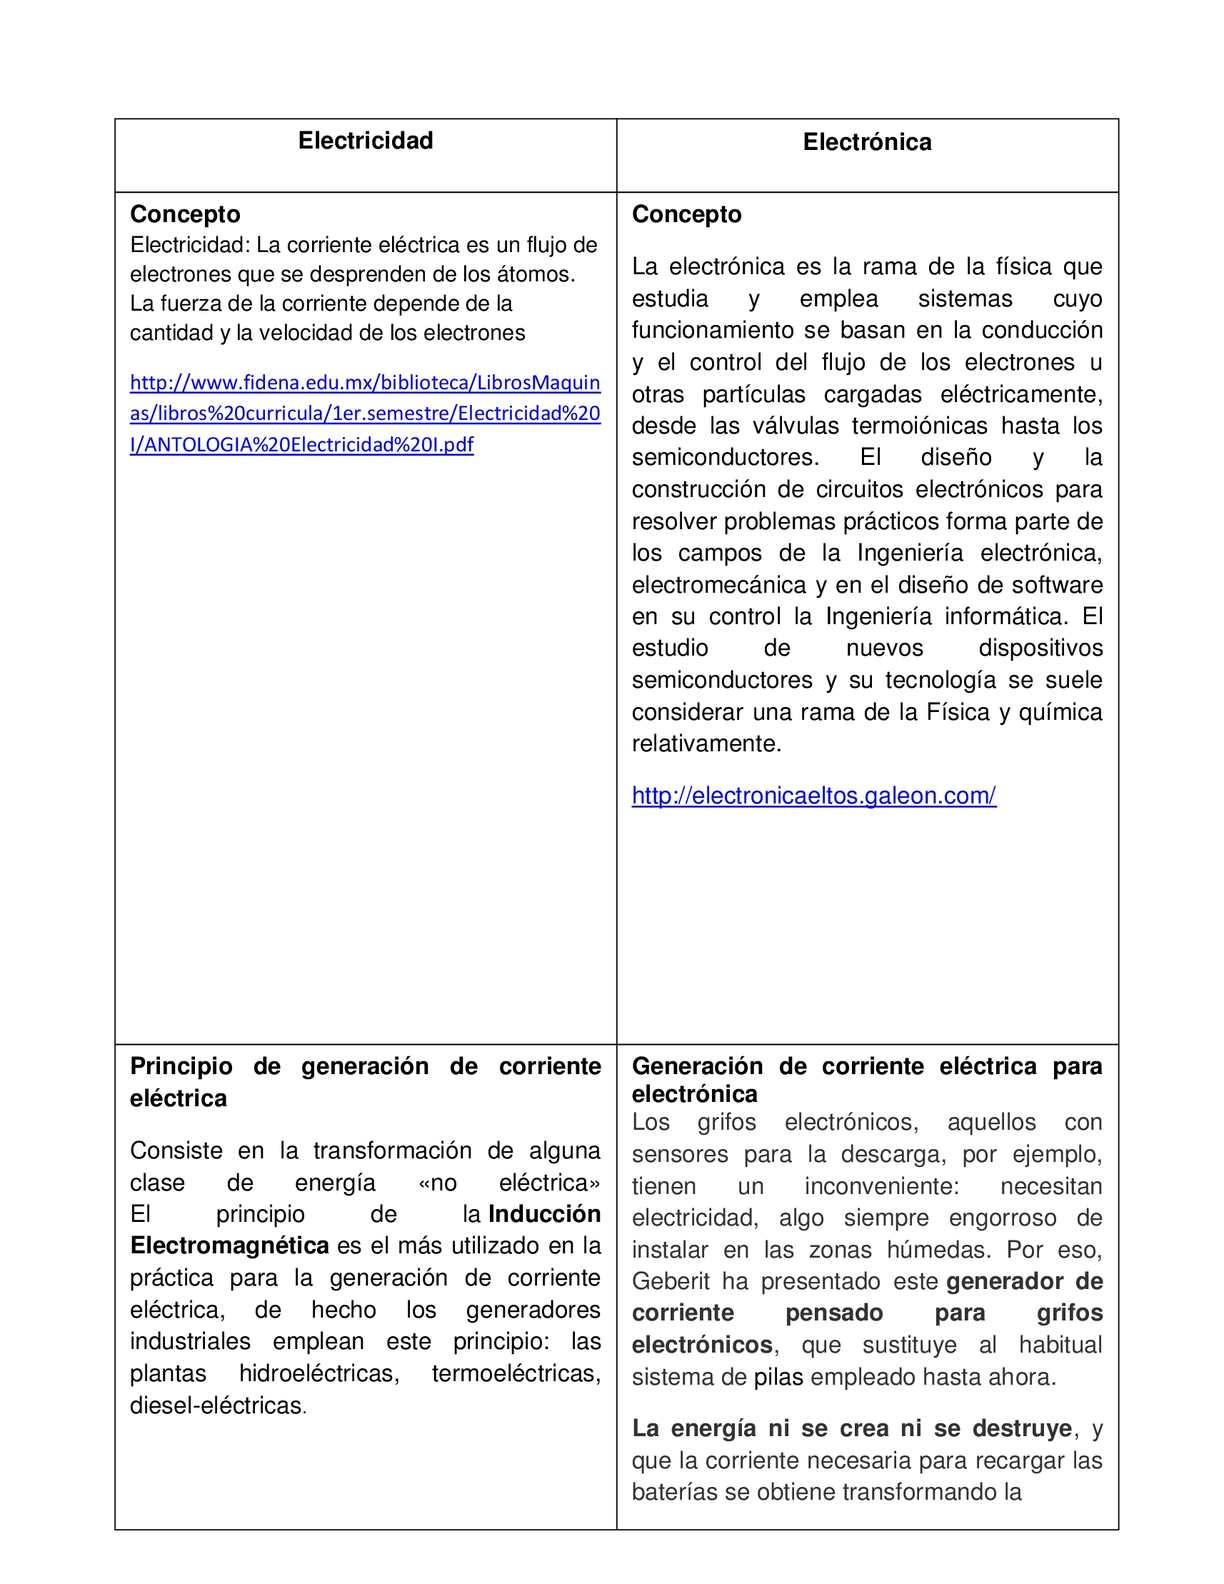 Calaméo - CUADRO COMPARATIVO ELECTRICIDAD